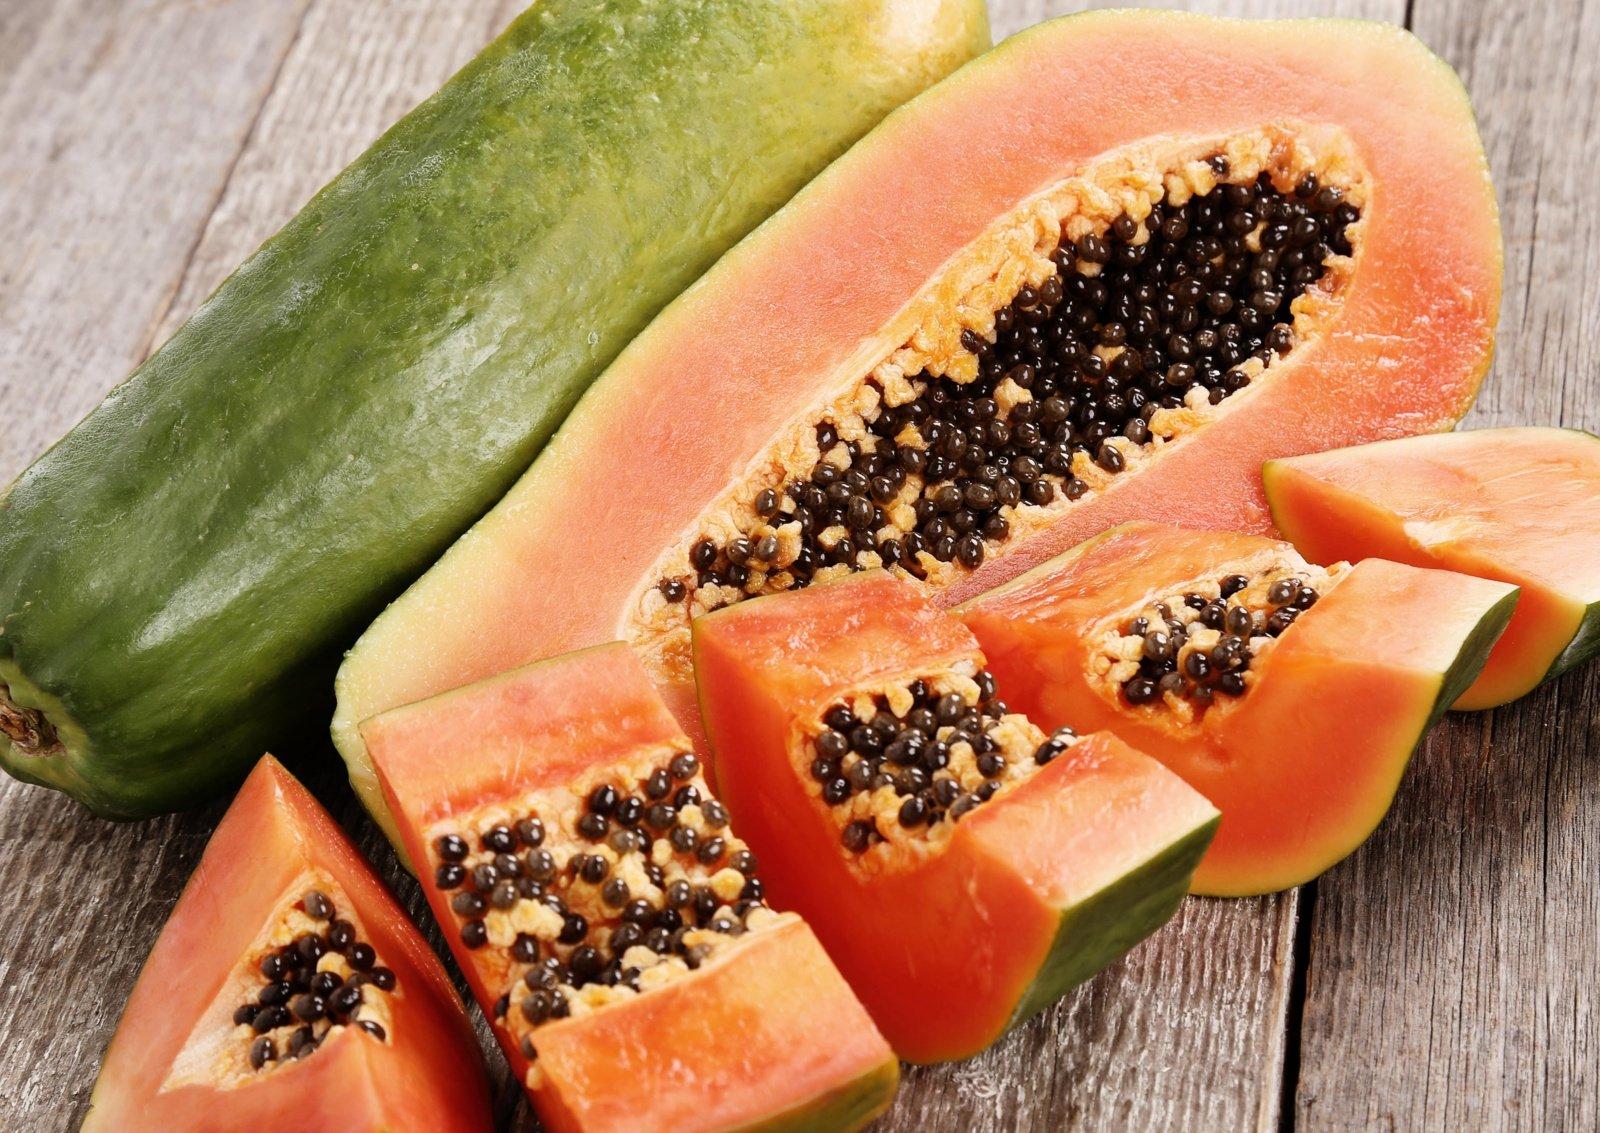 Egzotiniai vaisiai - keisti, įdomūs ir pavojingi